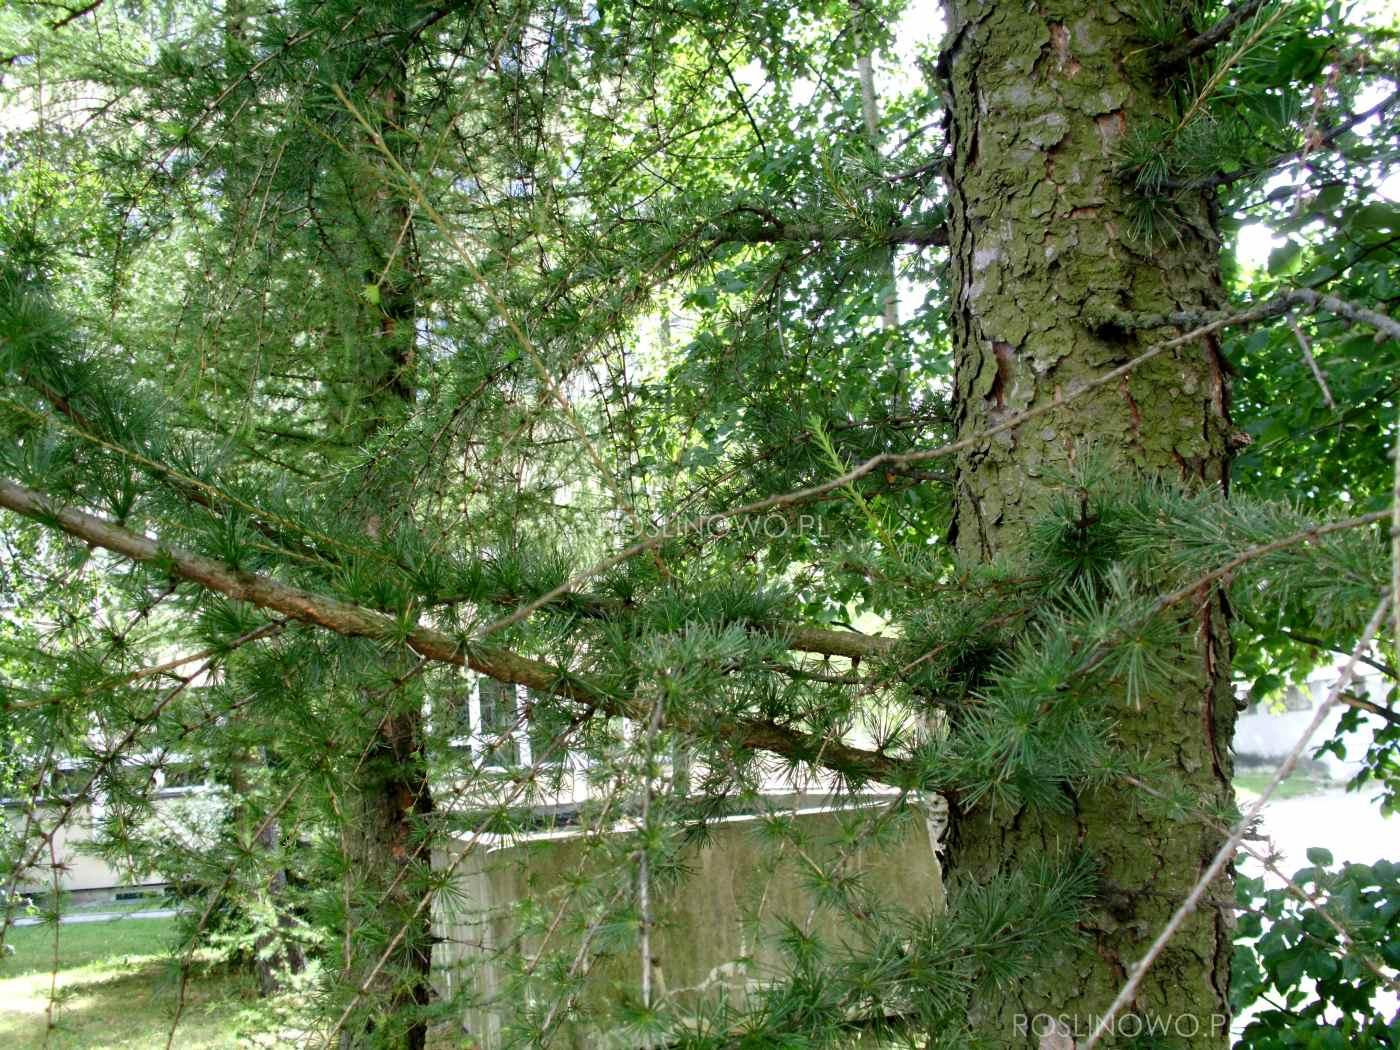 Modrzew europejski (Larix decidua) rodzime drzewo iglaste